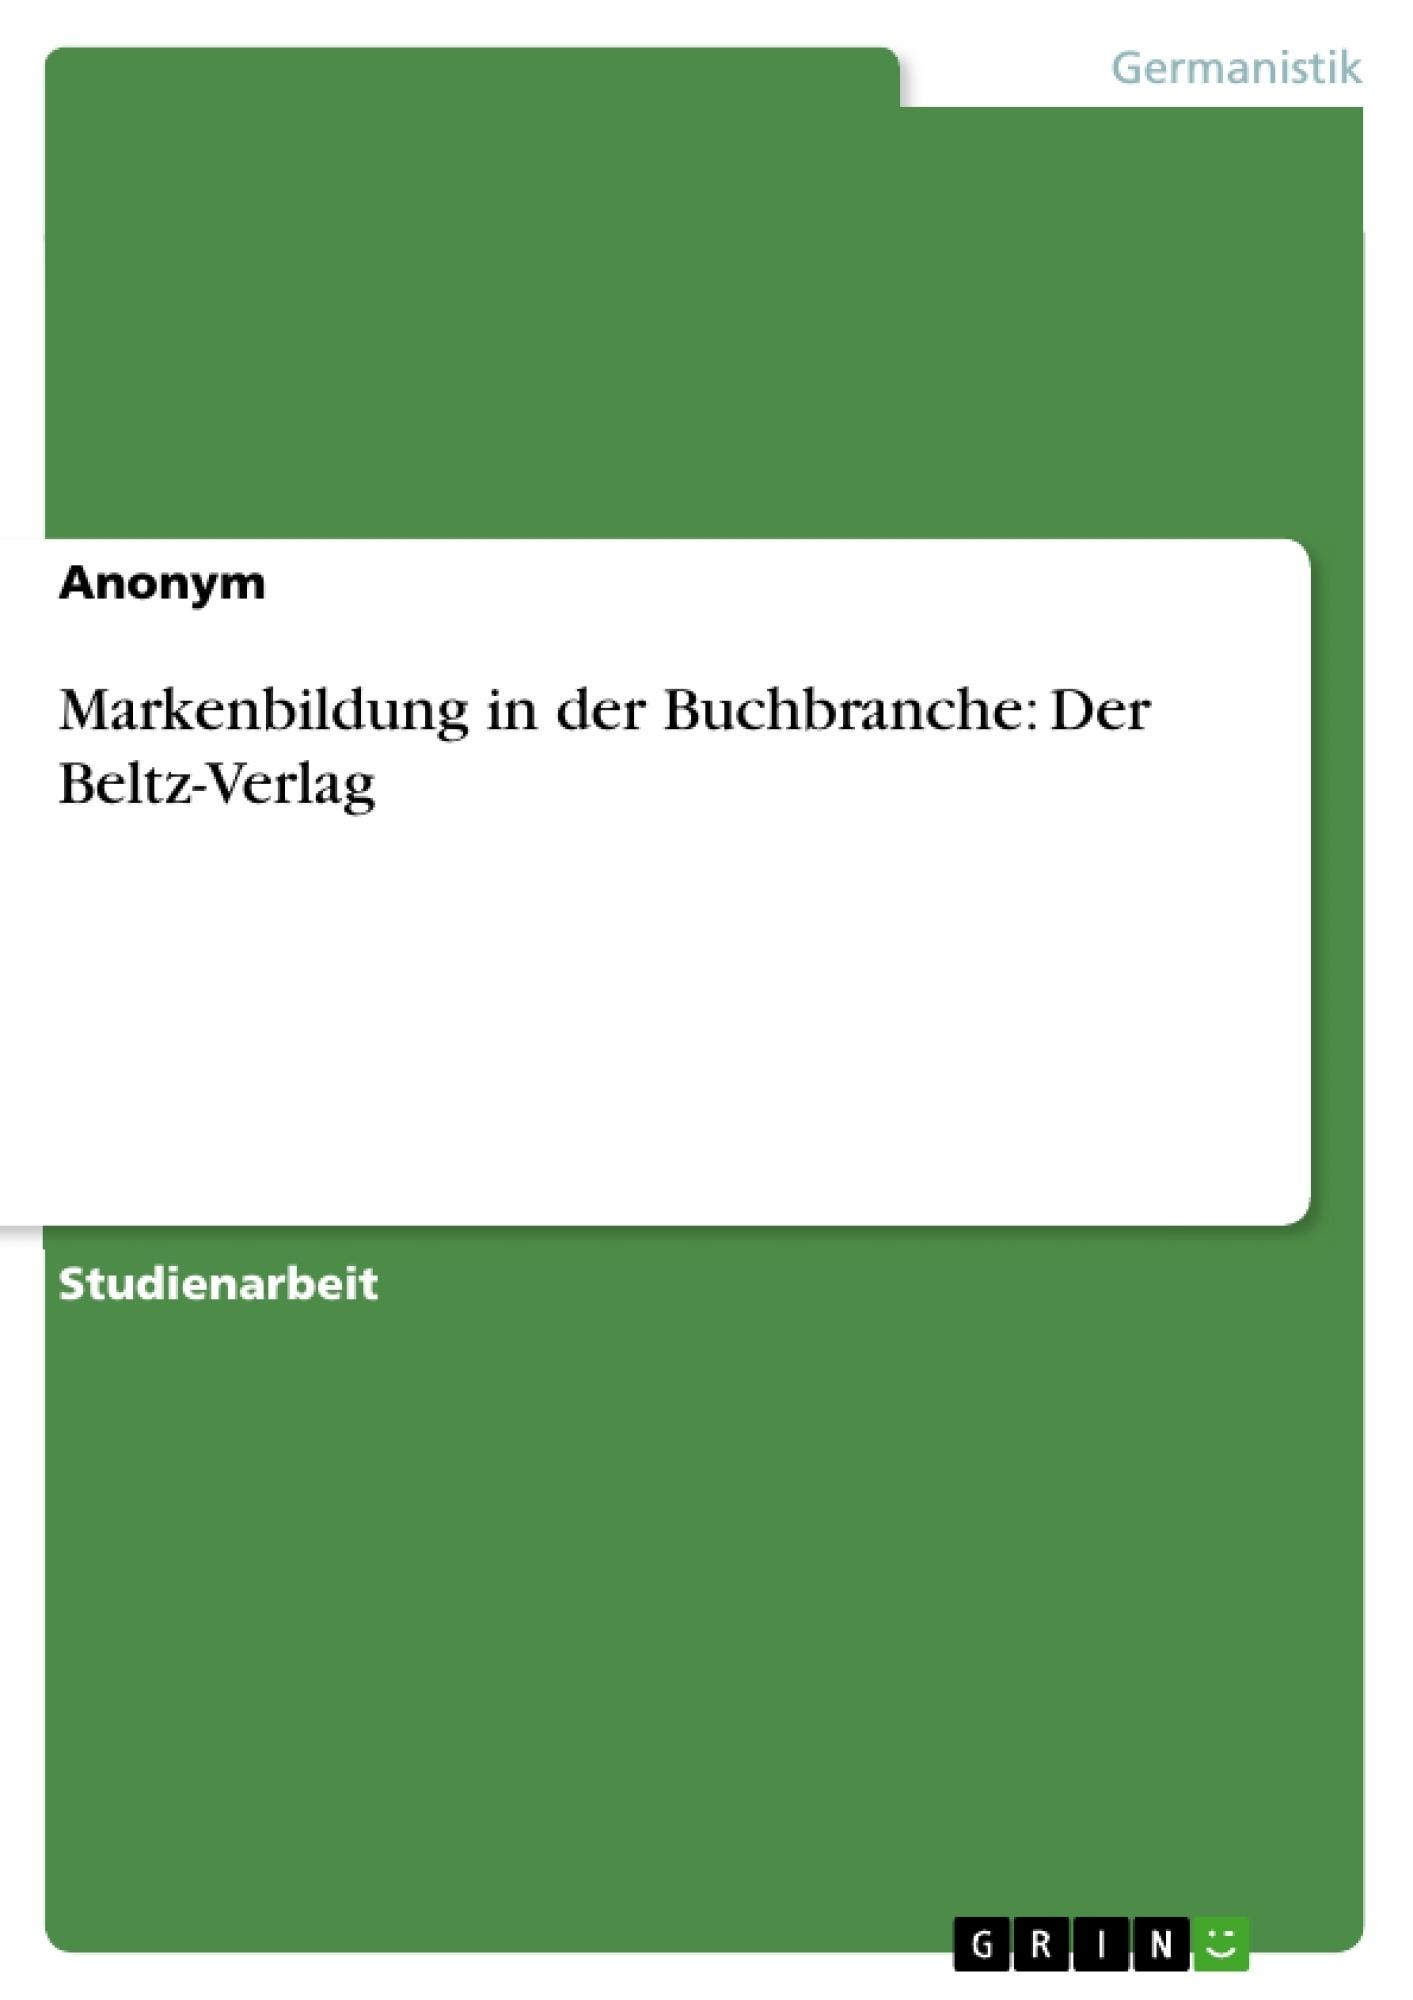 Titel: Markenbildung in der Buchbranche: Der Beltz-Verlag